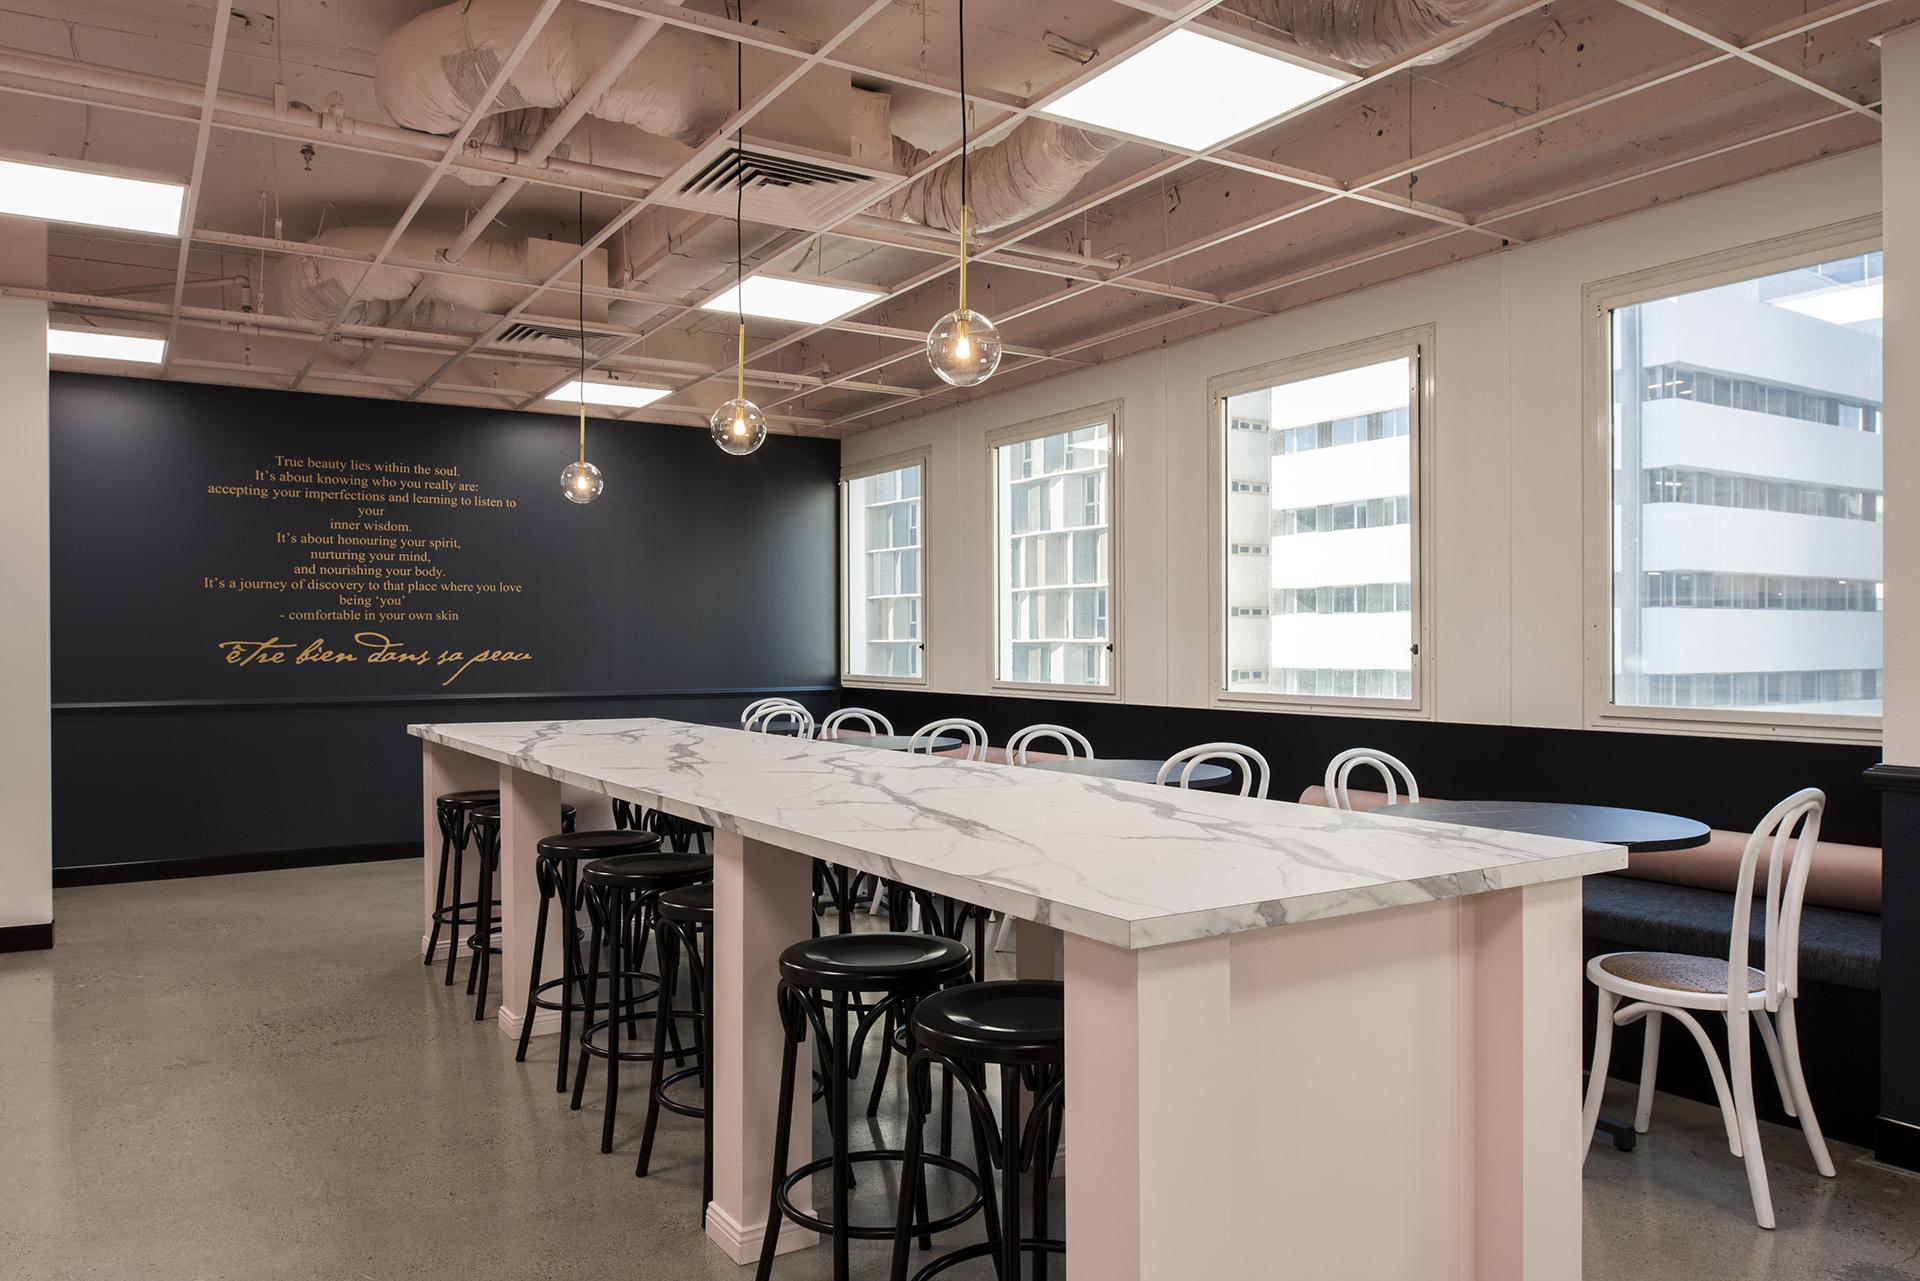 Archway-French Office Design Brisbane-Kitchen 1.jpg